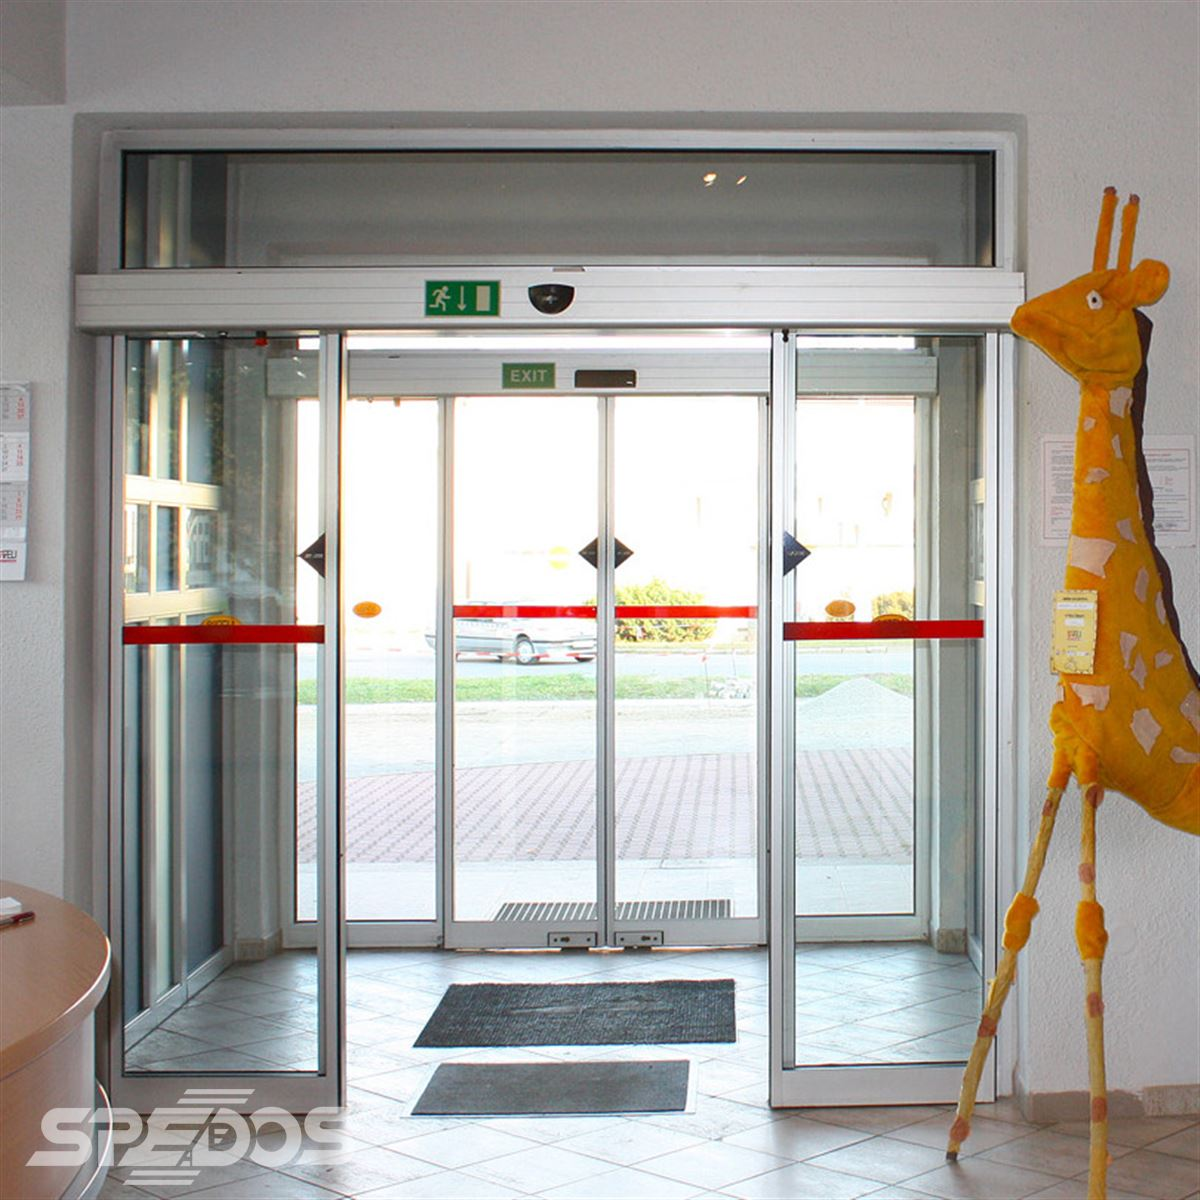 Dvoukřídlé automatické dveře posuvné v zádveří